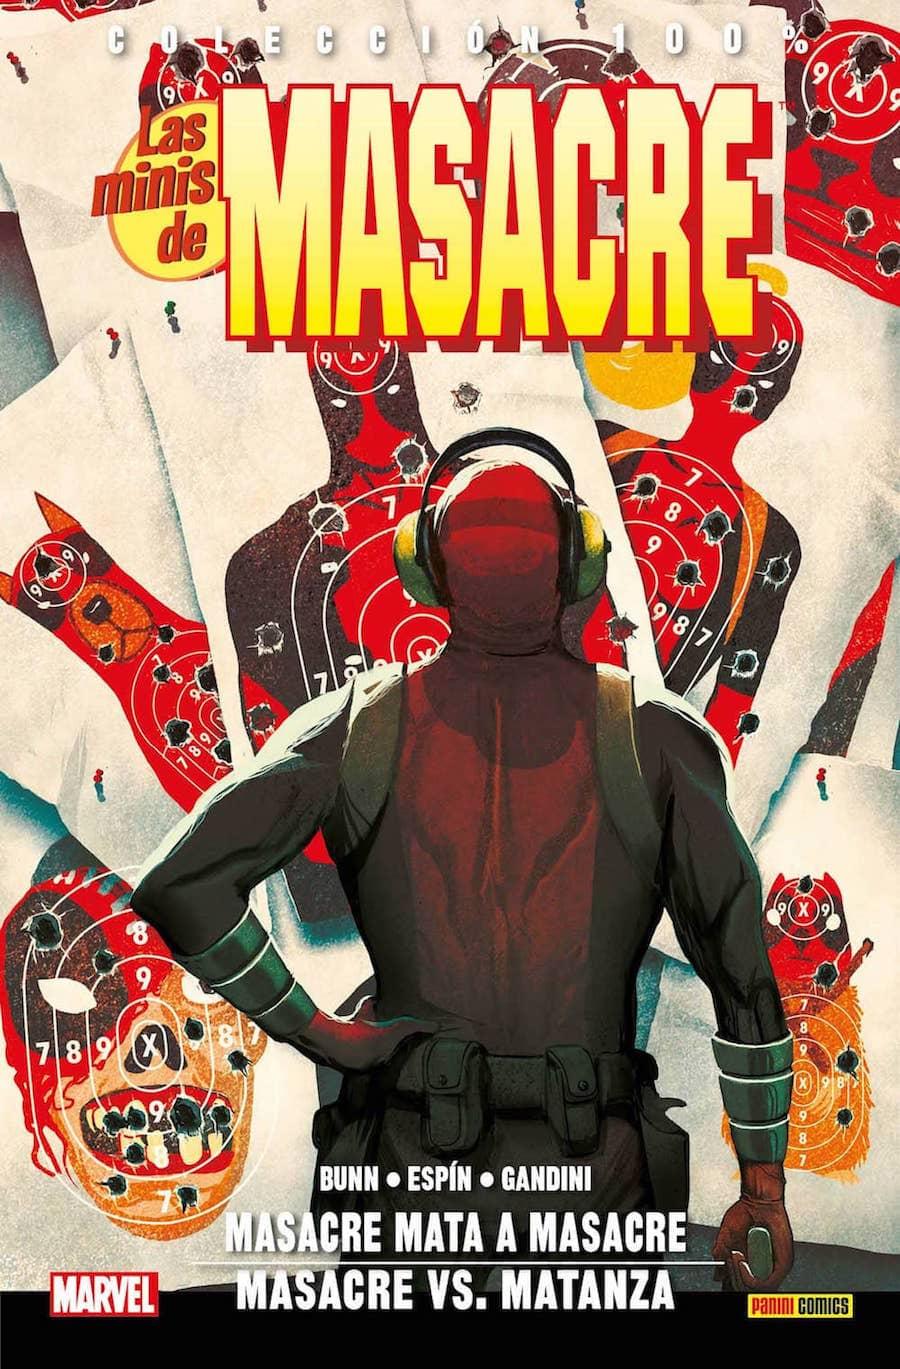 LAS MINI DE MASACRE 03: MASACRE MATA A MASACRE...